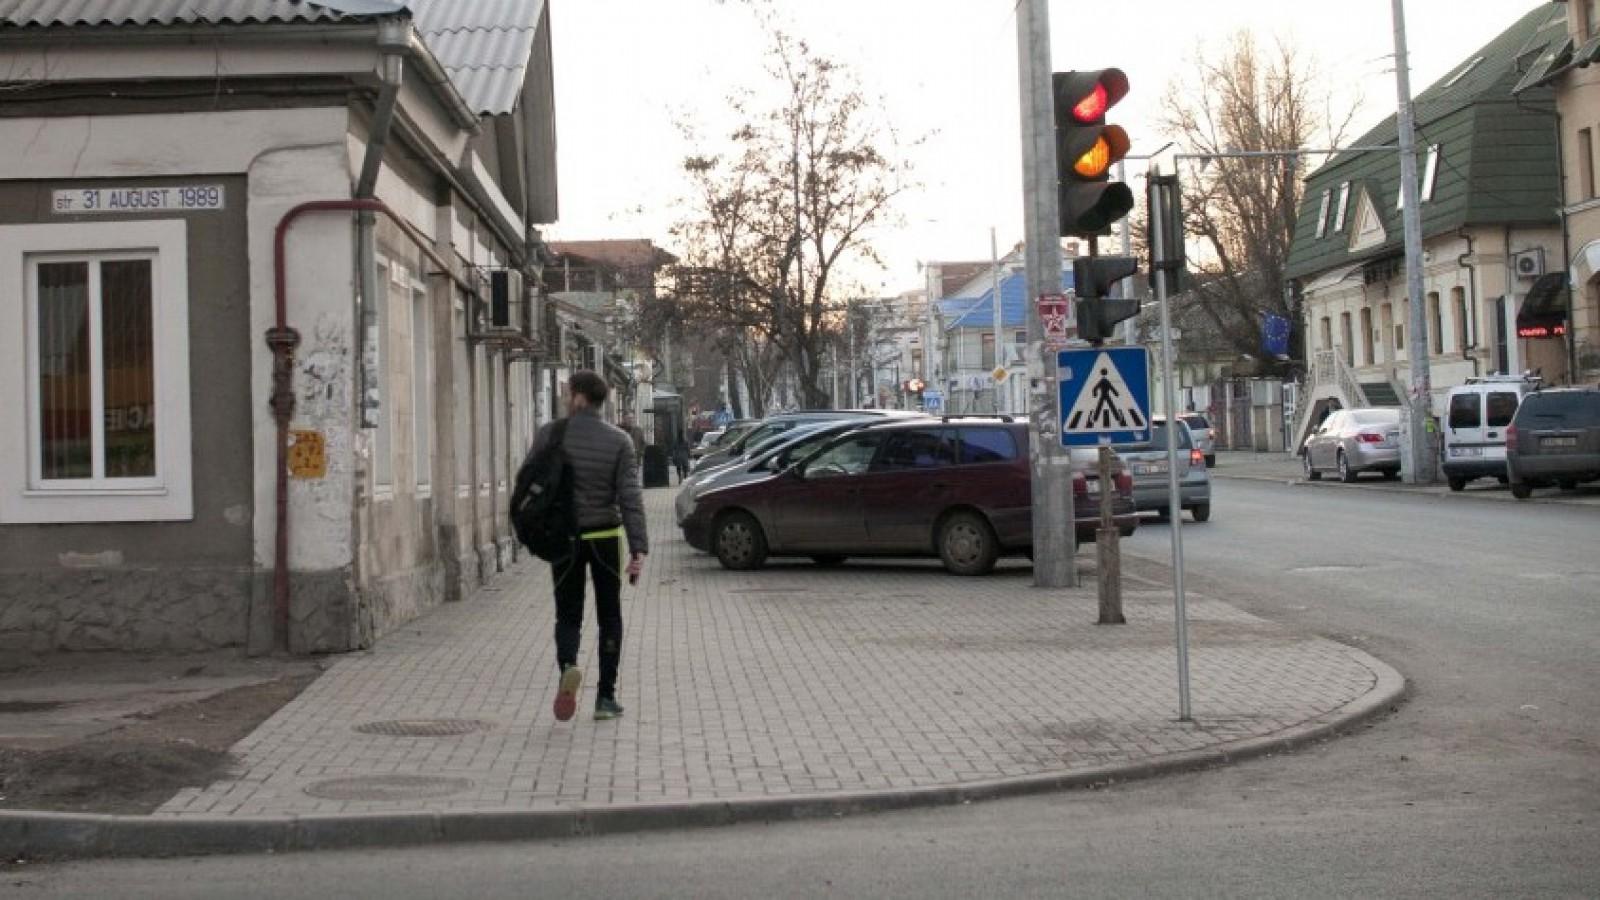 (foto) Chişinău: A blocat o bandă a străzii Vasile Alecsandri pentru că are şase metri în lungime